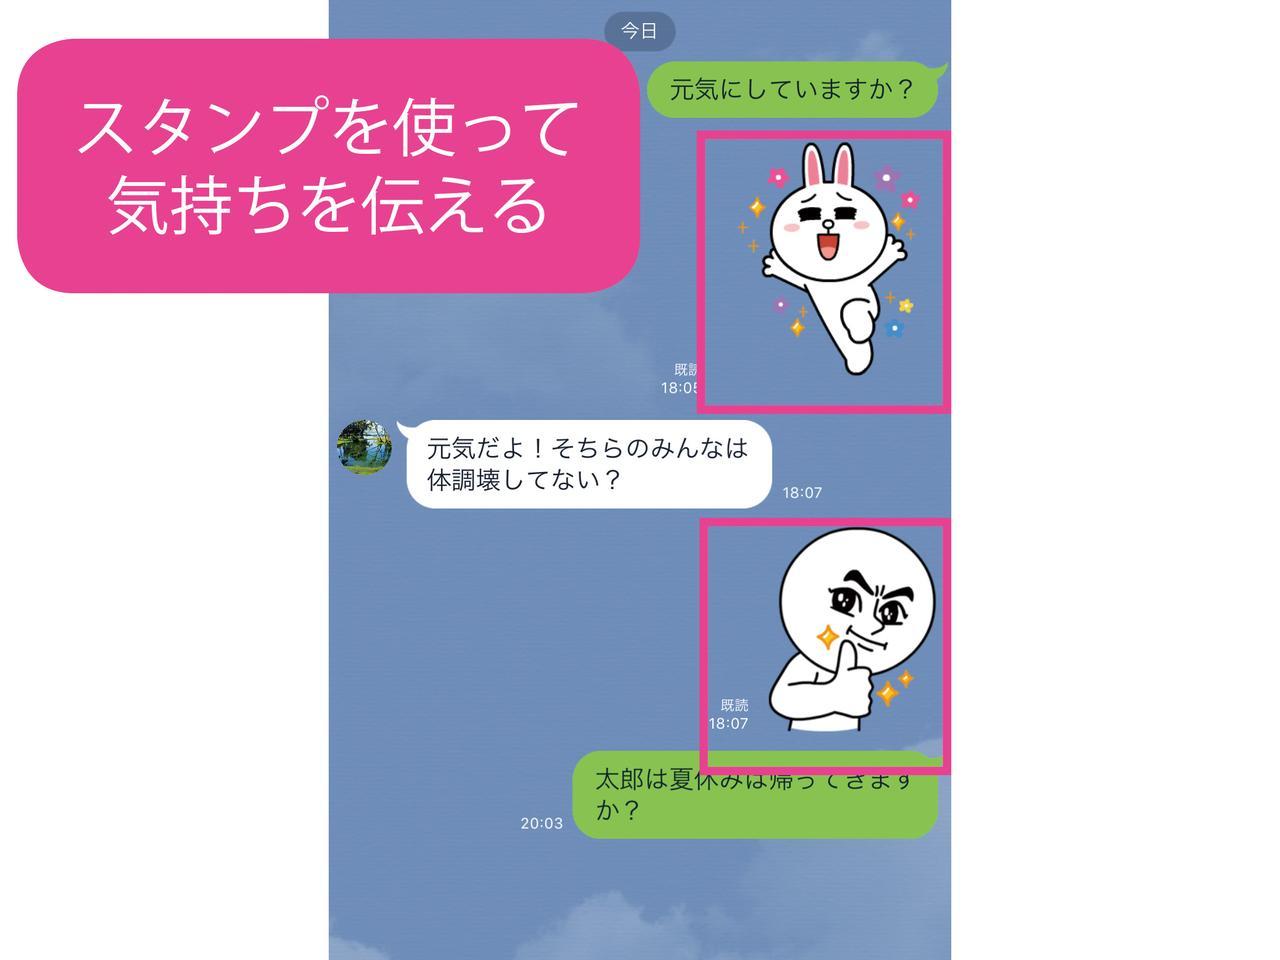 画像: スタンプは静止画だけでなく、動くものもある。LINEの公式キャラクターのスタンプは最初から無料で利用できる。